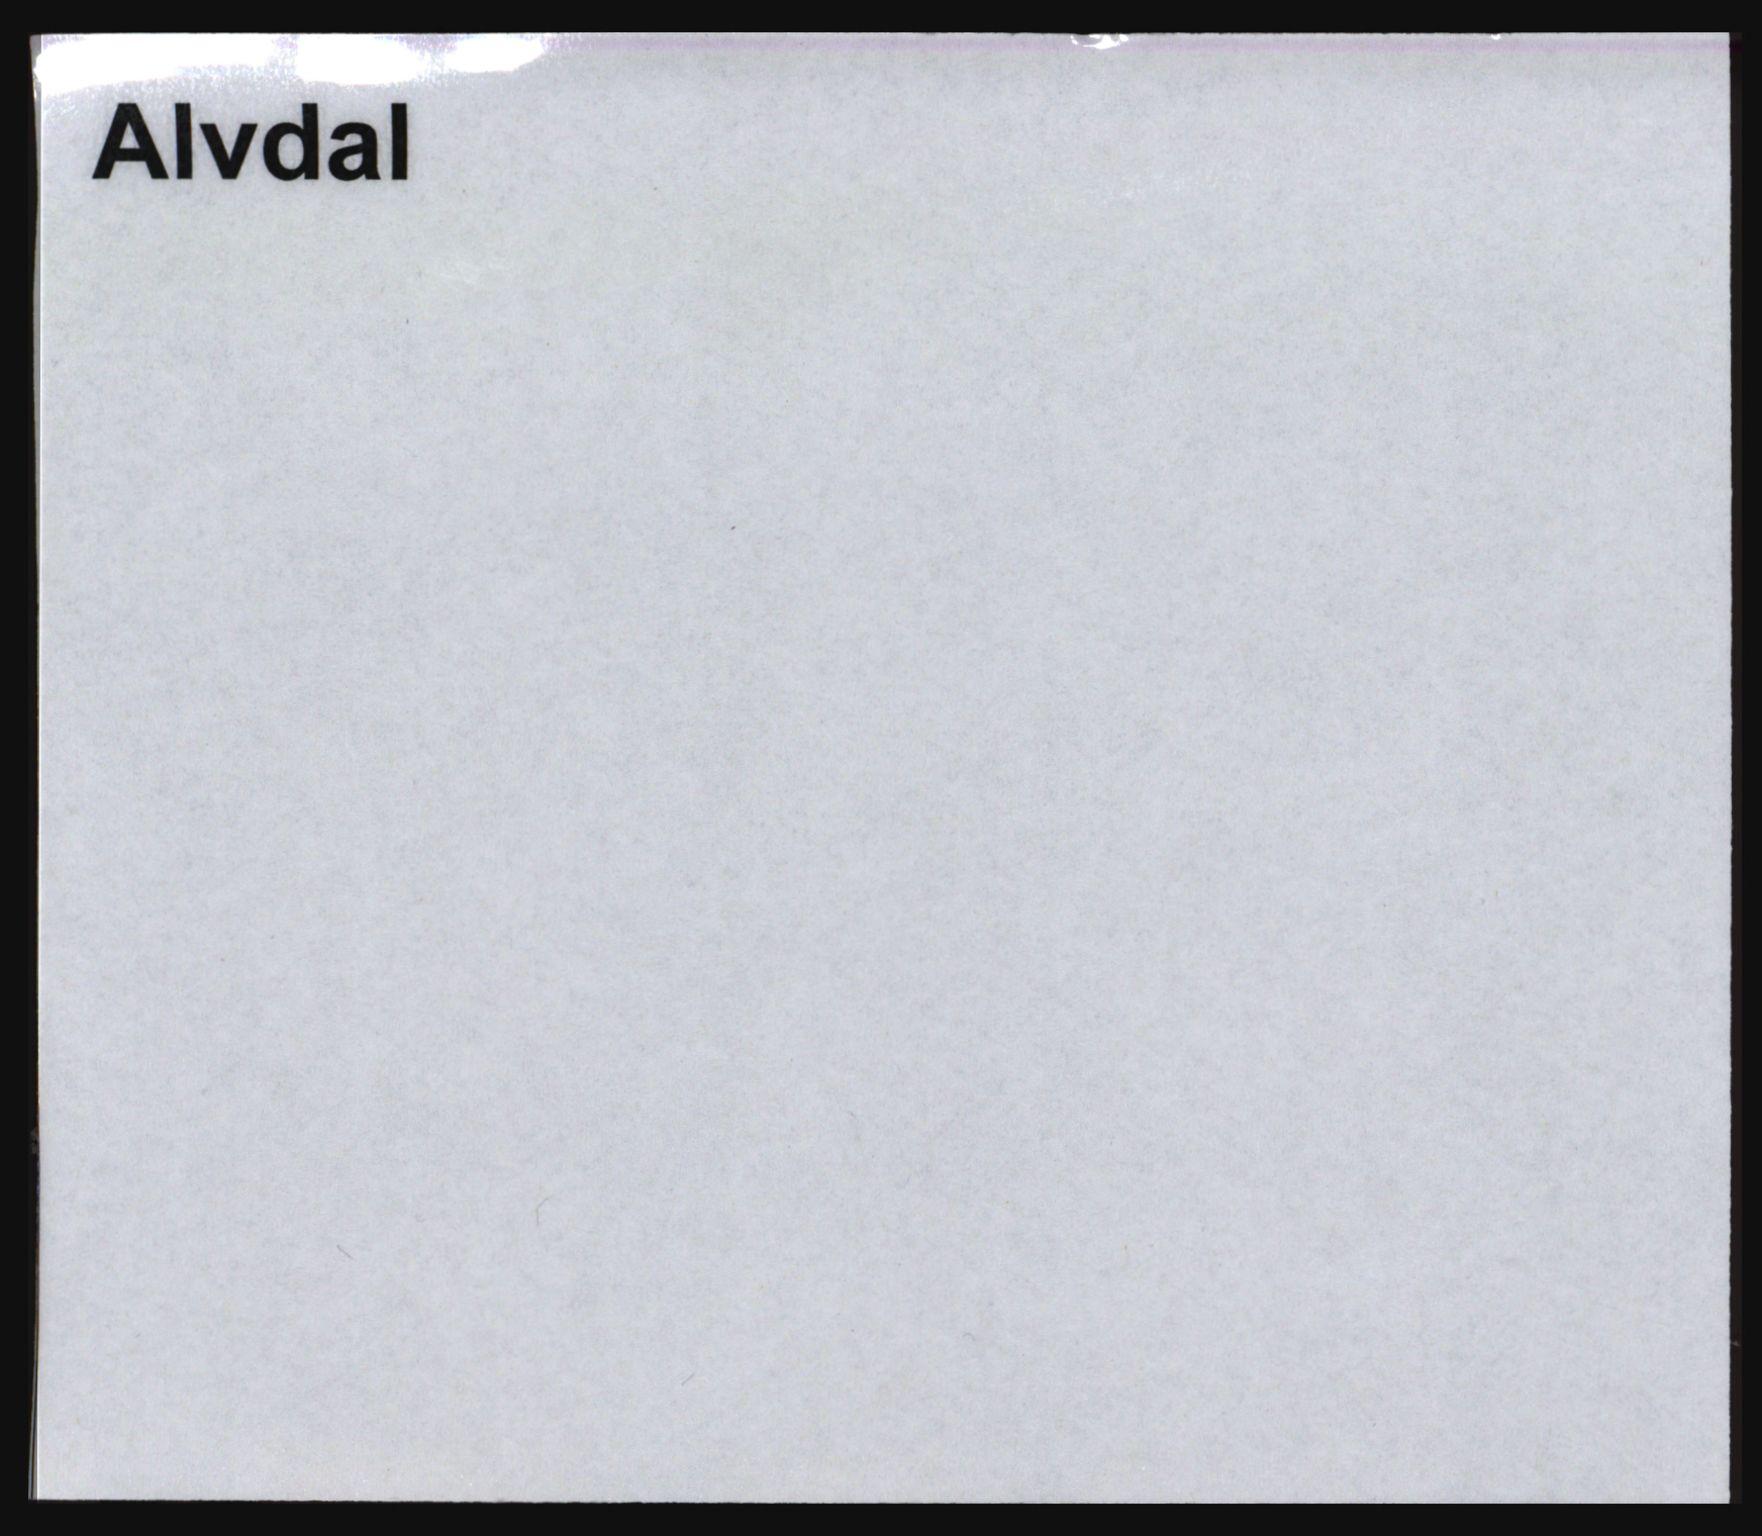 SAH, Norges Brannkasse, Alvdal og Folldal, s. 1